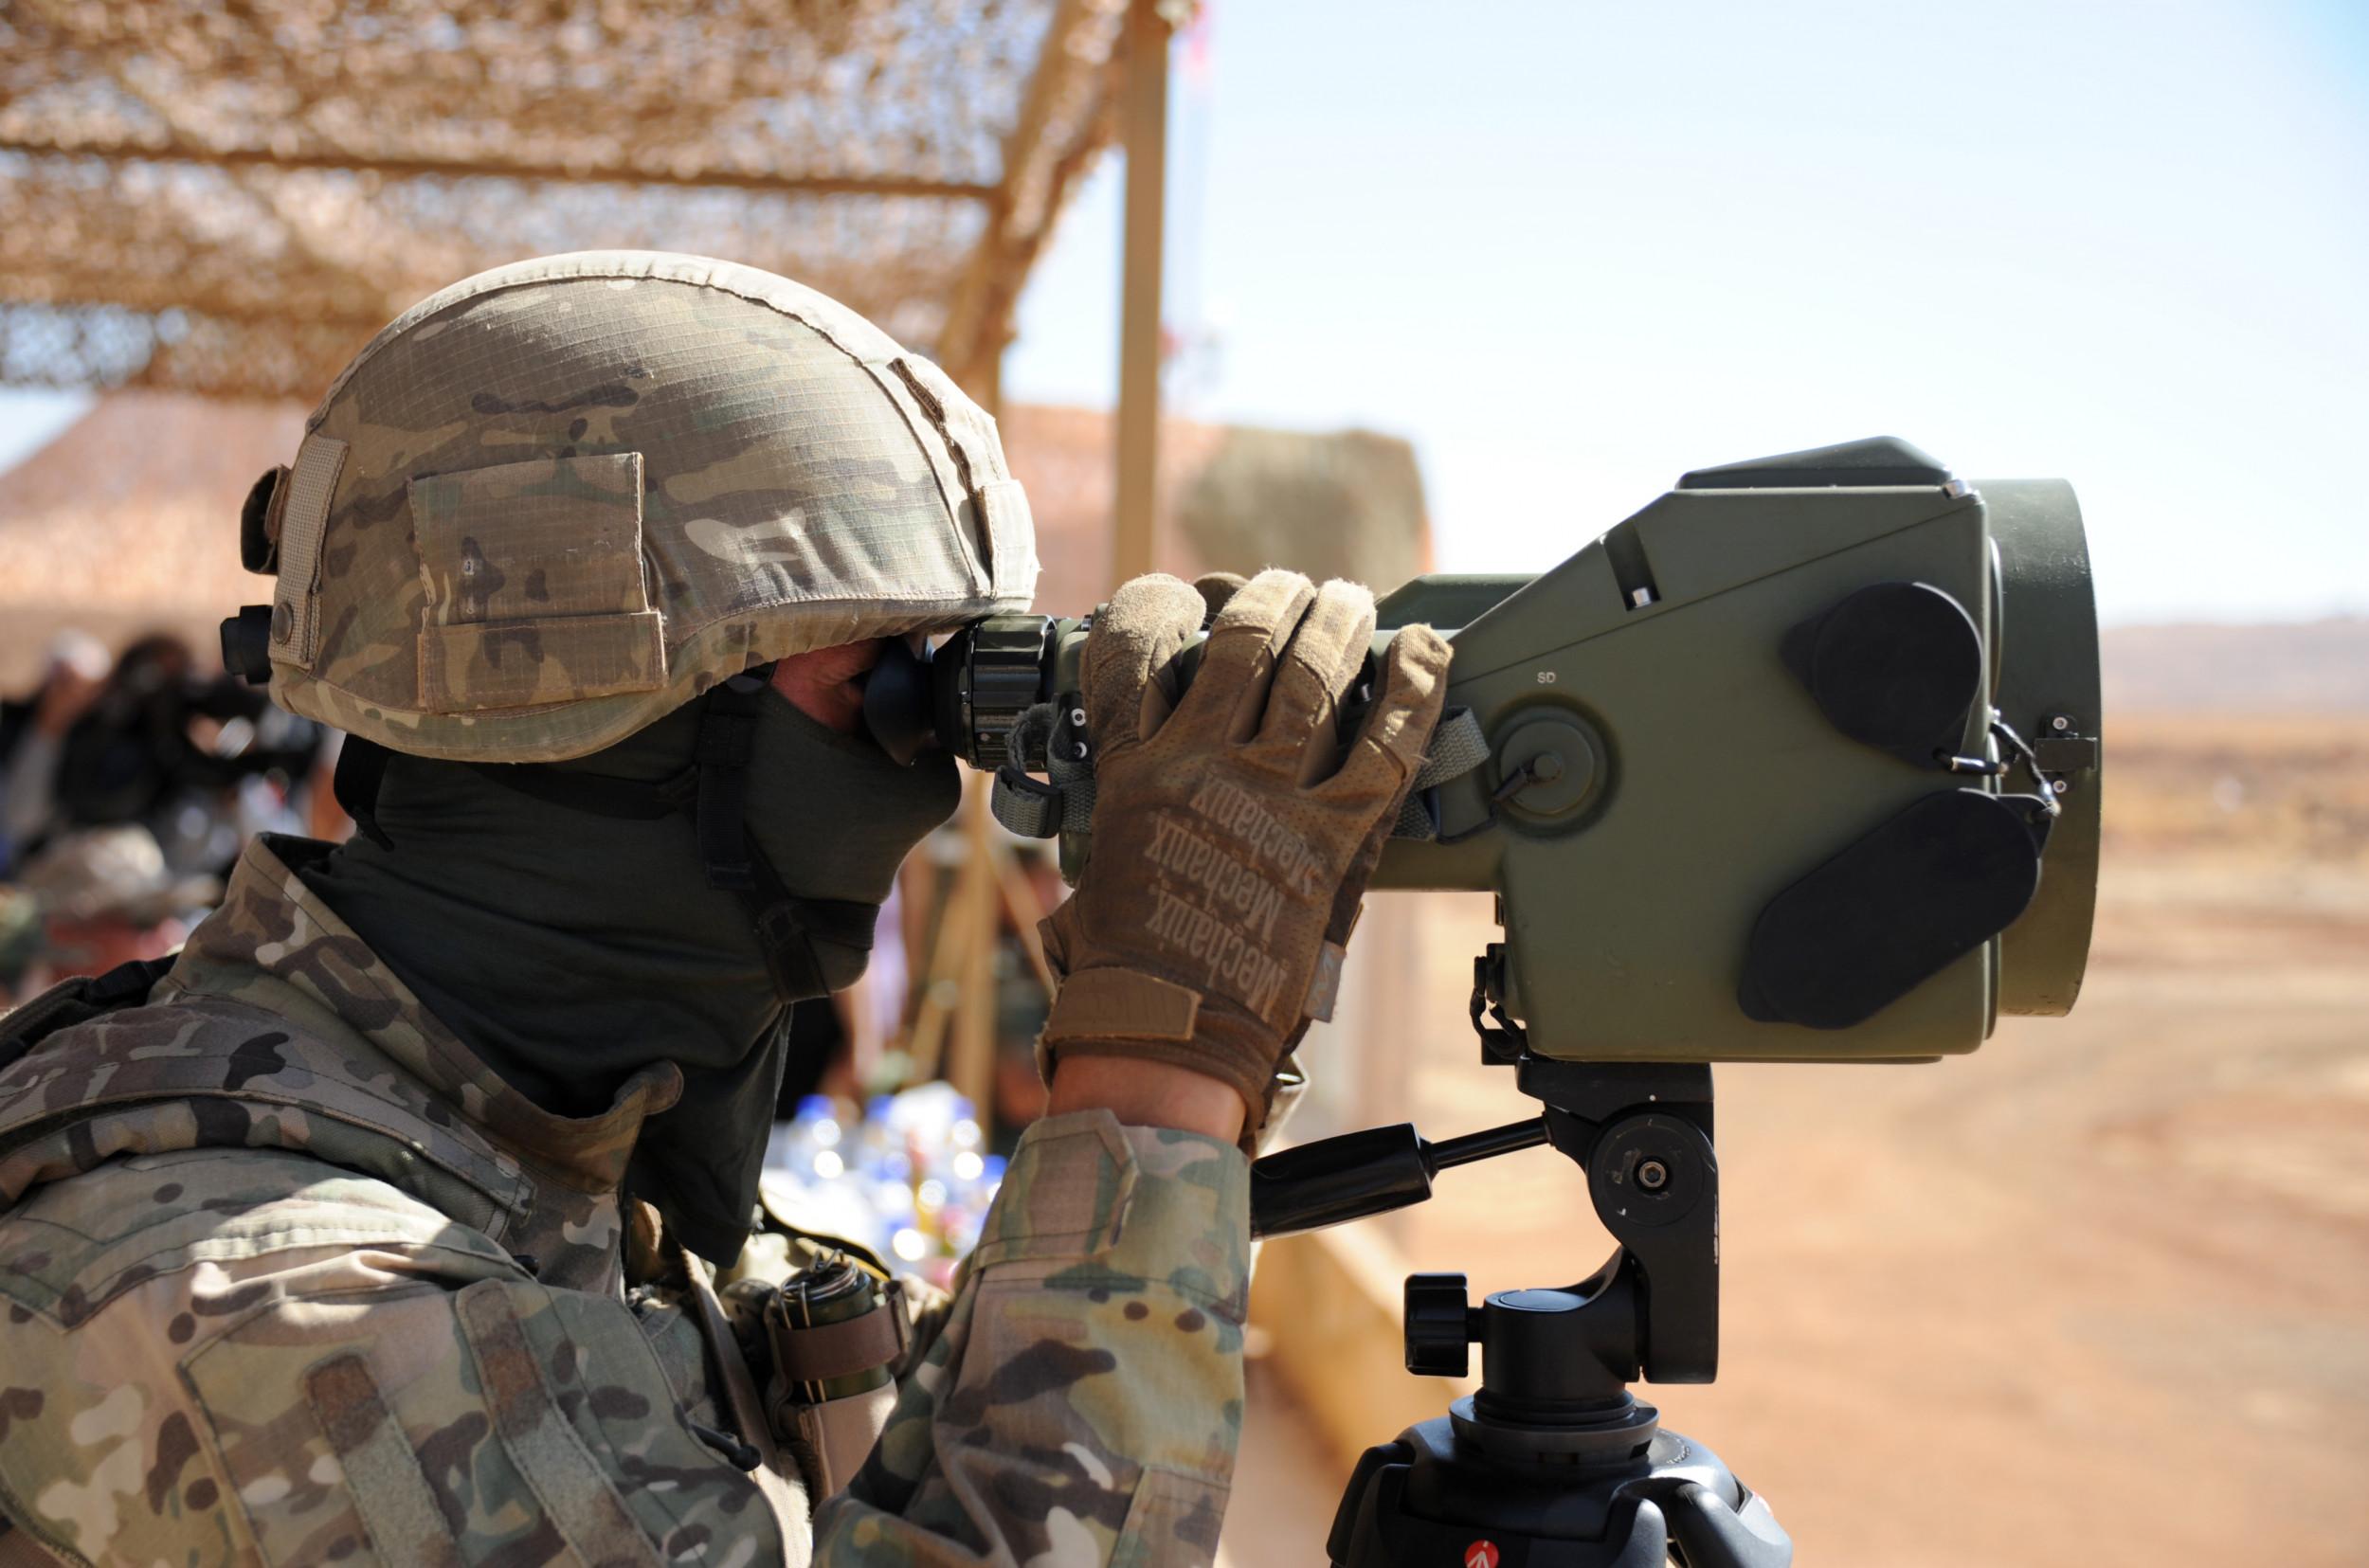 صورة صمت مريب وأهداف غامضة.. الجيش الروسي يبدأ باحتلال إحدى أغنى الدول العربية